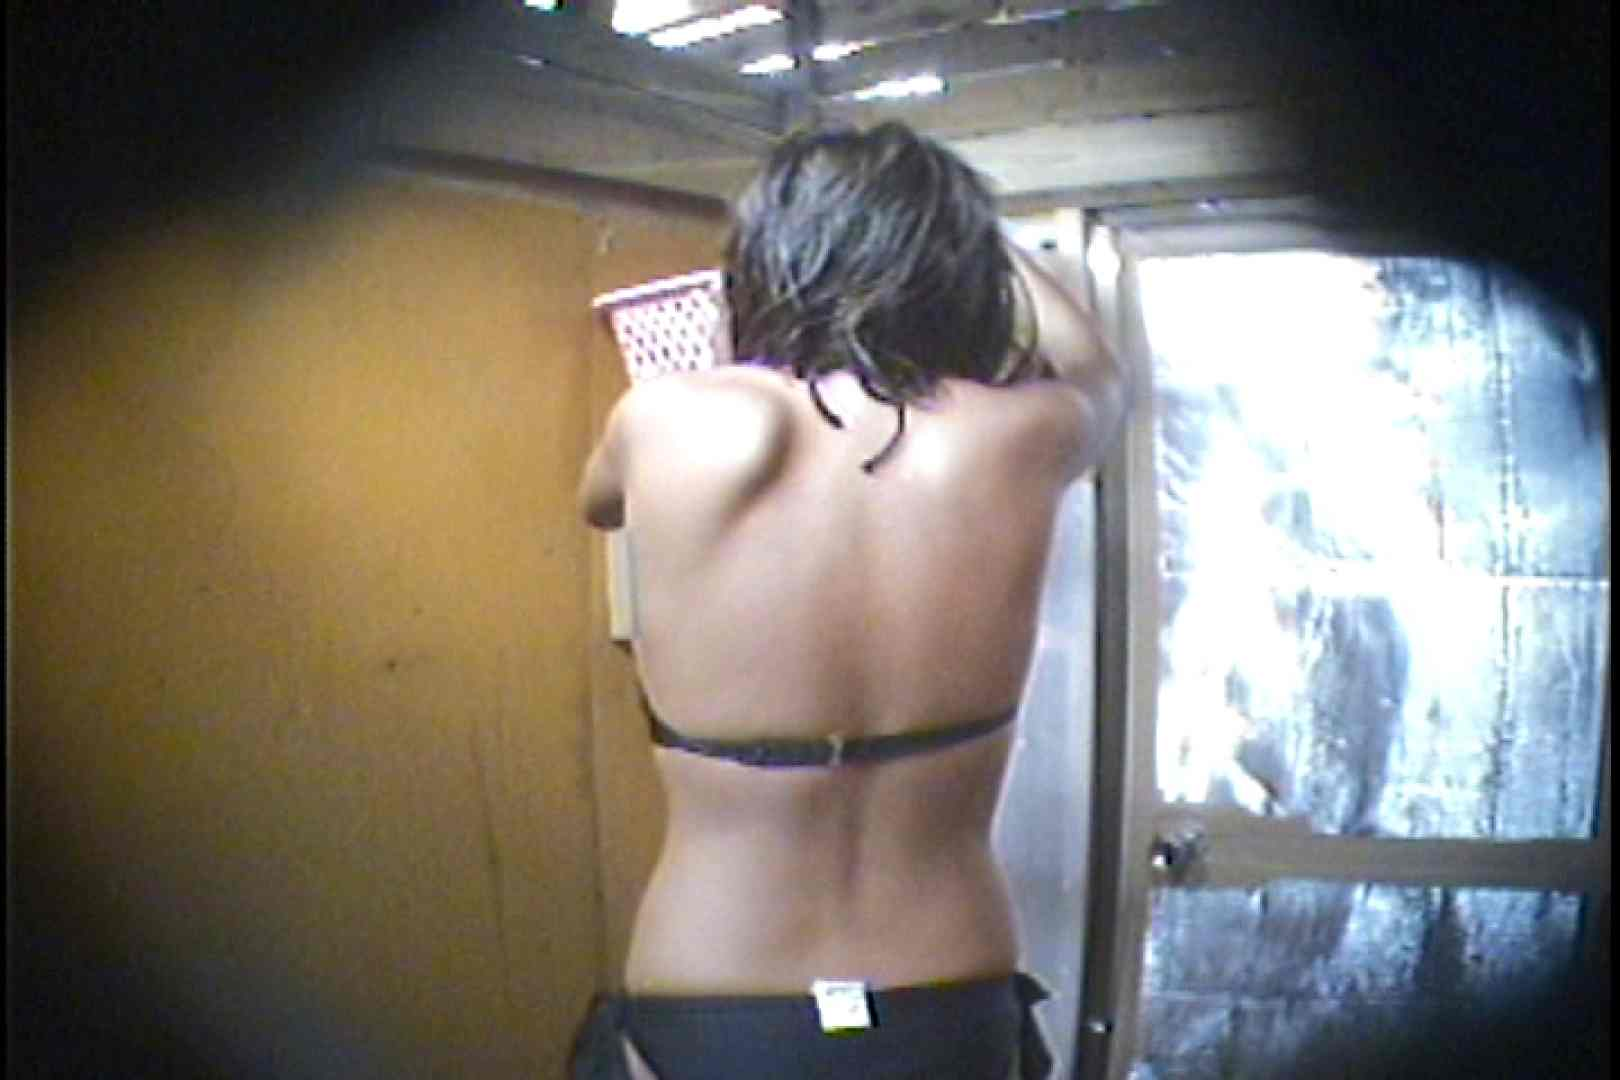 海の家の更衣室 Vol.56 OLの実態   美女  29pic 13